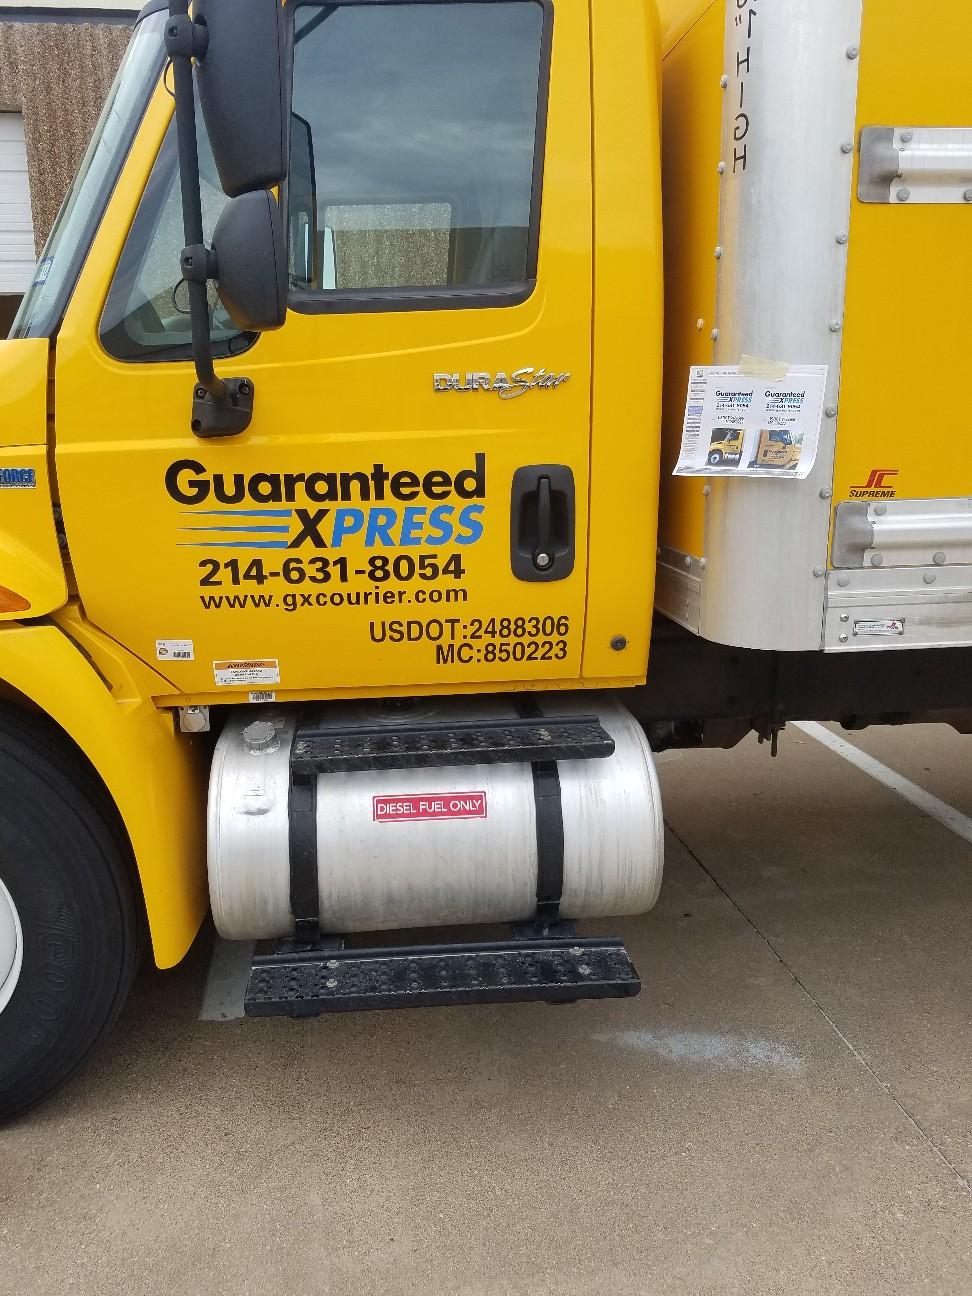 Brand Building Fleet Truck Graphics